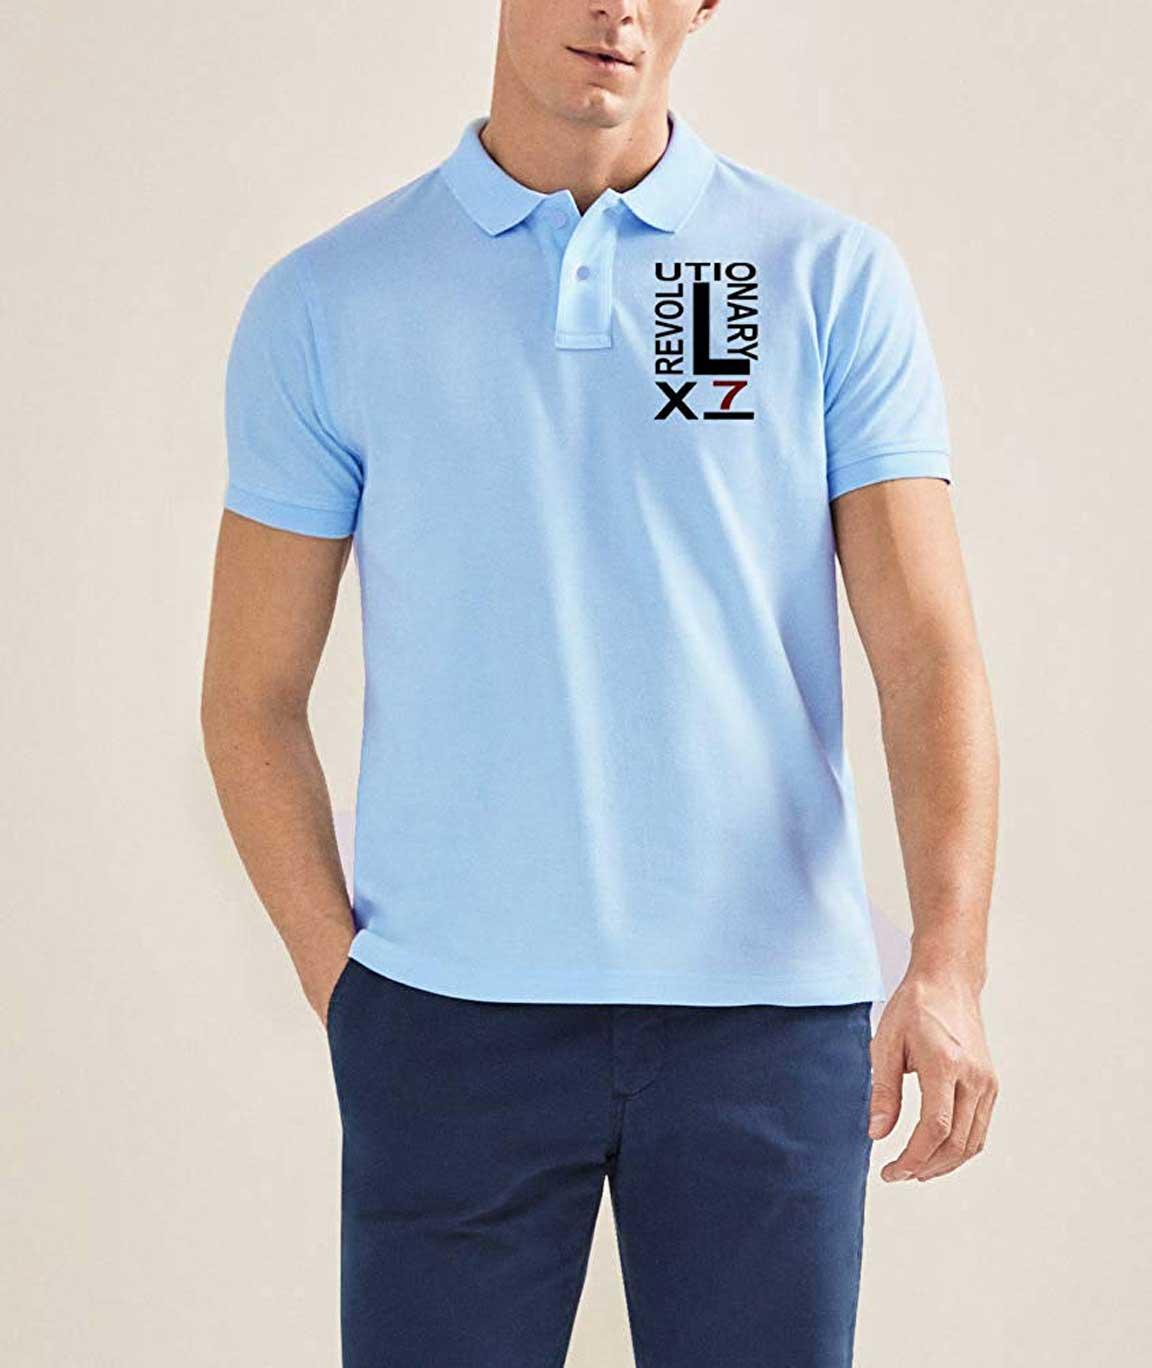 Vestiario Cotton Printed Polo Neck t-Shirt